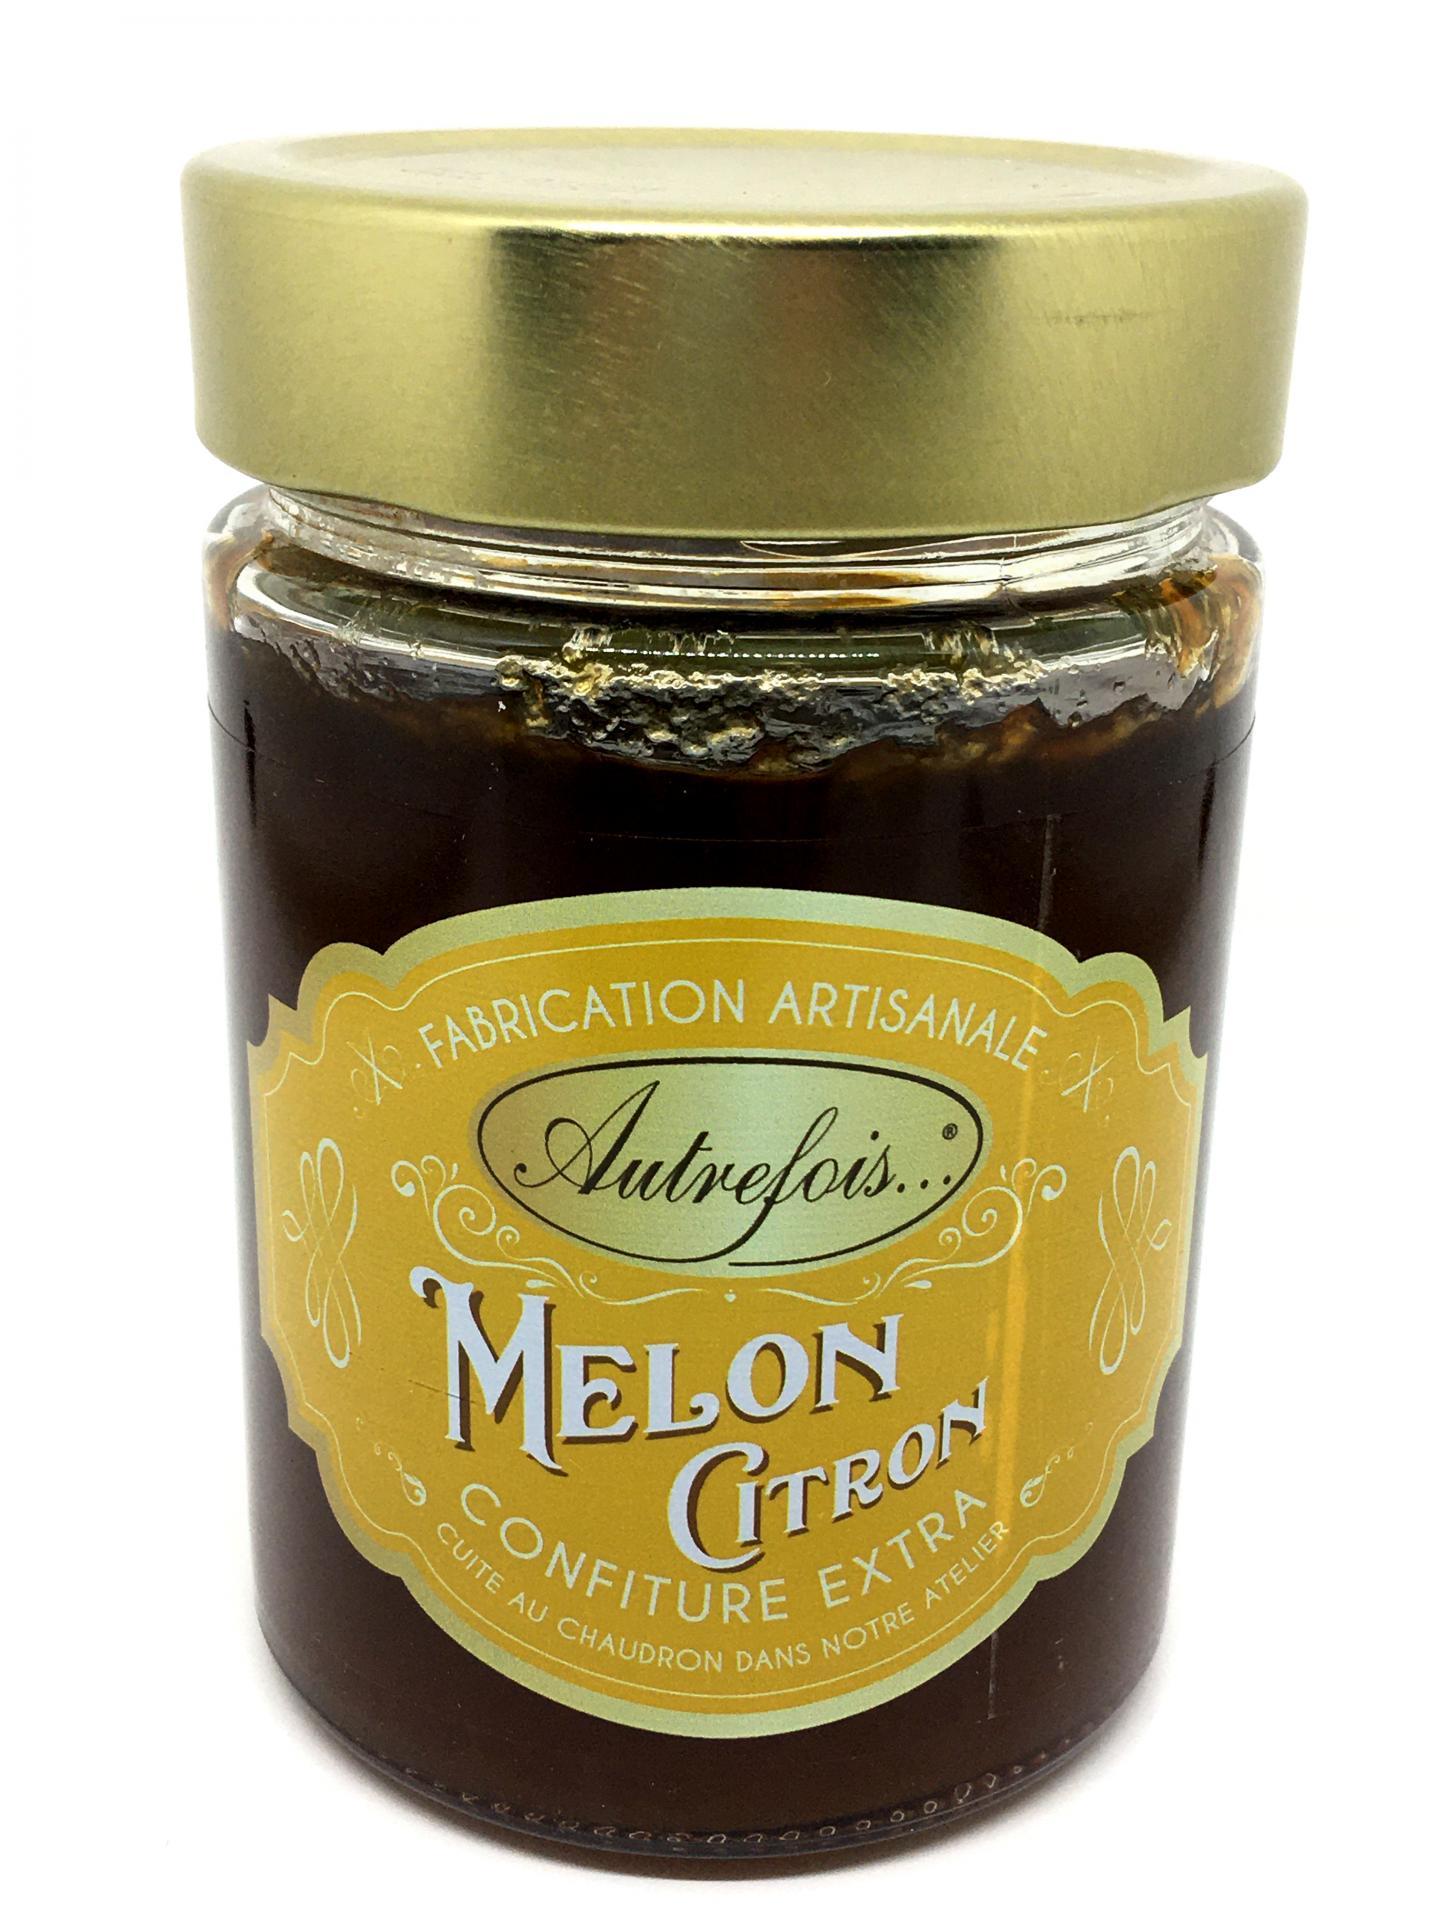 Confiture melon citron 350g autrefois terroir milhaud gard